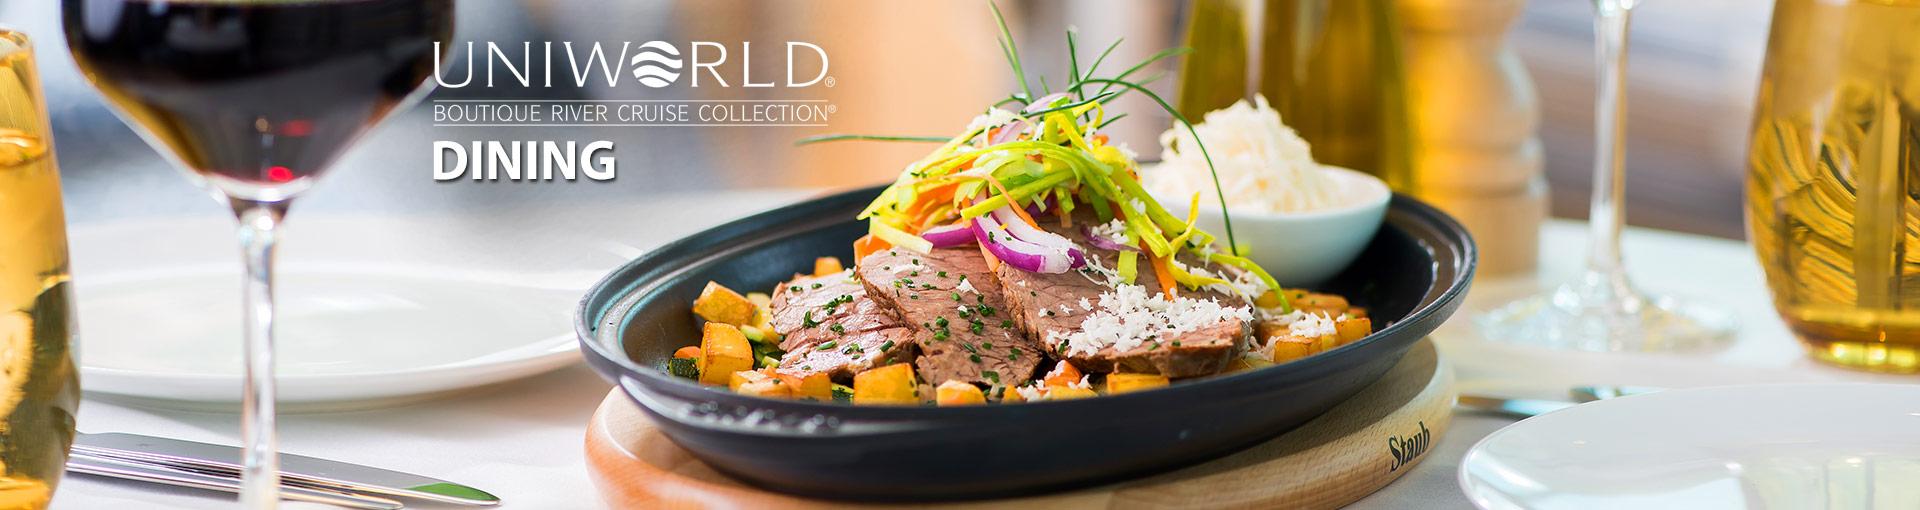 Uniworld River Cruises Dining